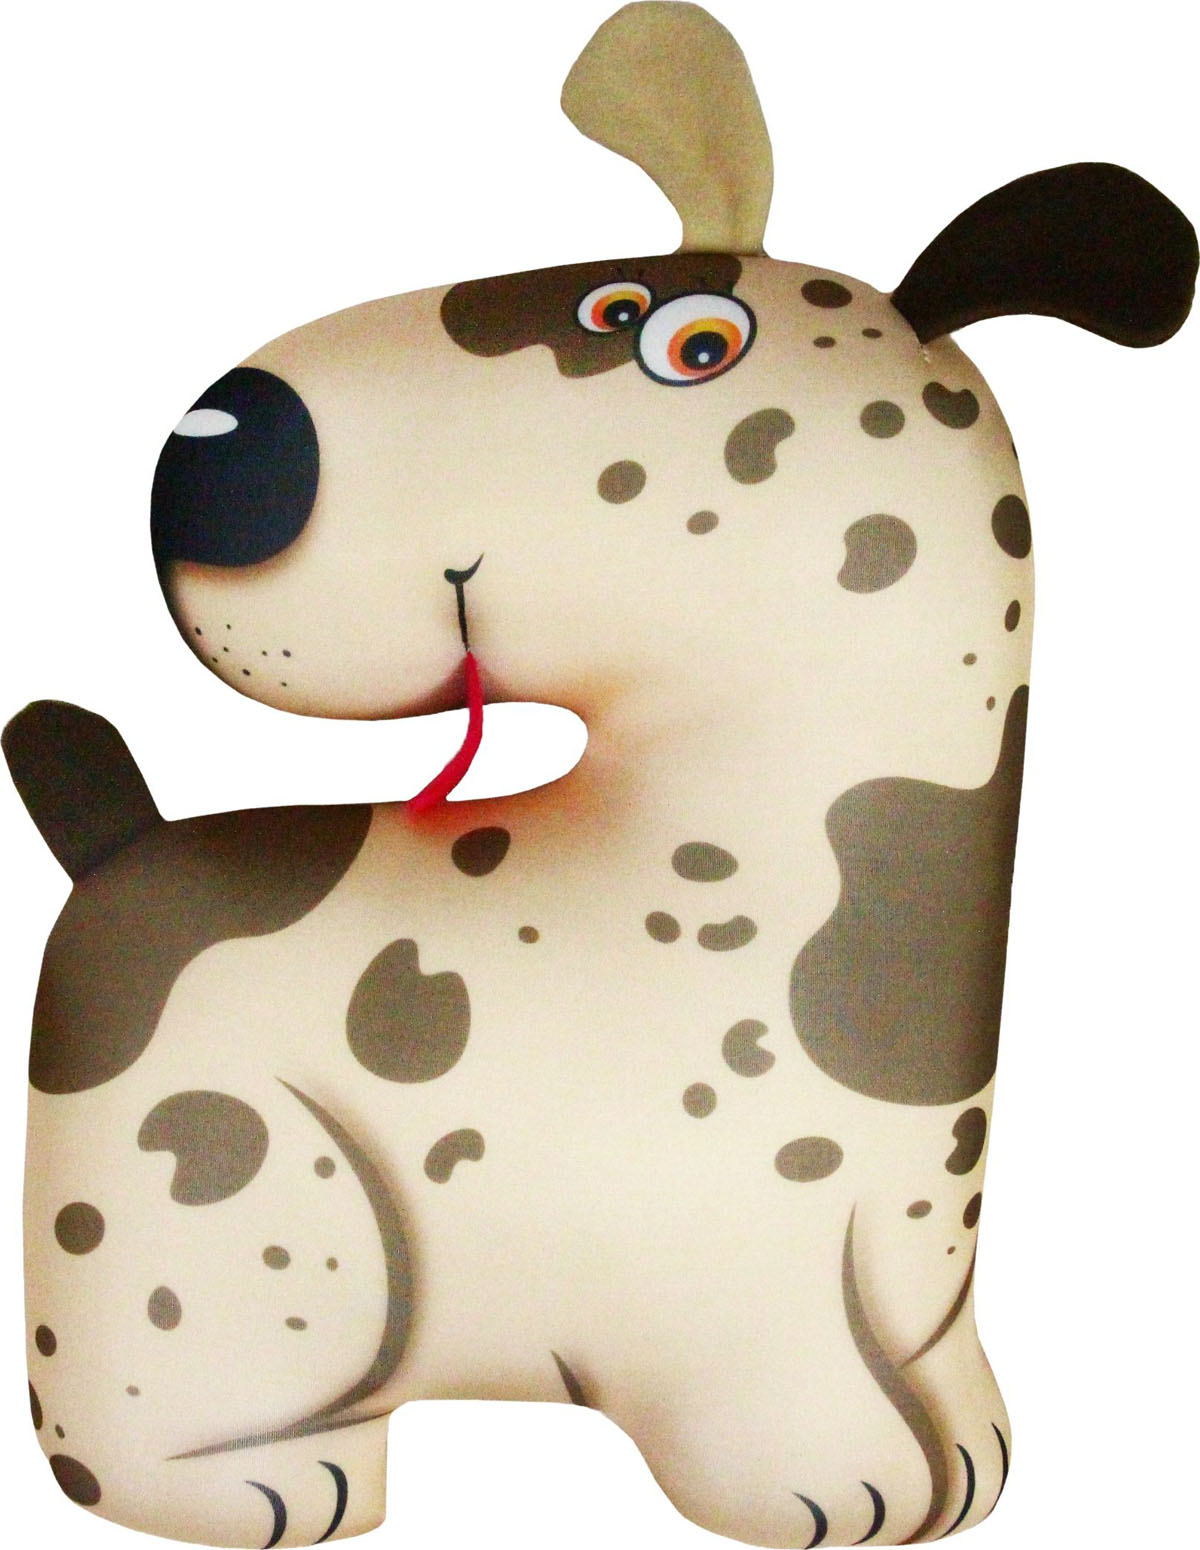 Подушка для шеи Штучки, к которым тянутся ручки Антистрессовая игрушка-турист Пятнышко, бежевый штучки к которым тянутся ручки подушка игрушка антистрессовая царевна лягушка